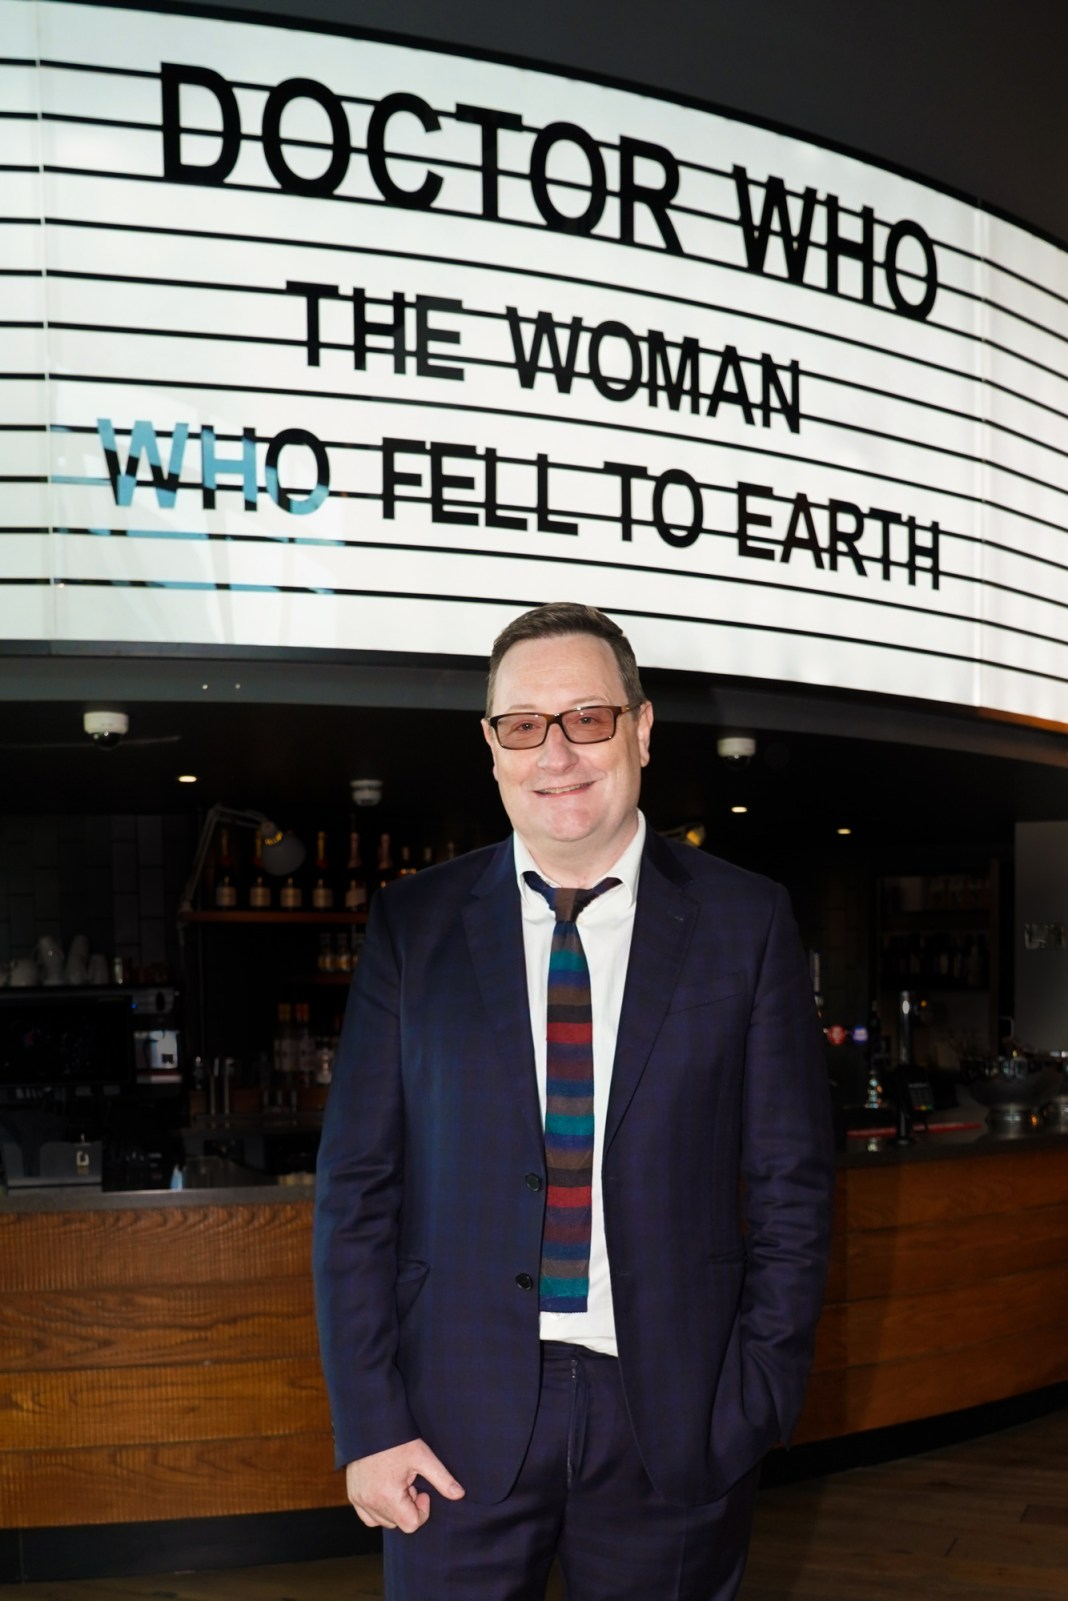 Doctor Who Premiere - Showrunner Chris Chibnall - (C) BBC - Photographer: Ben Blackall